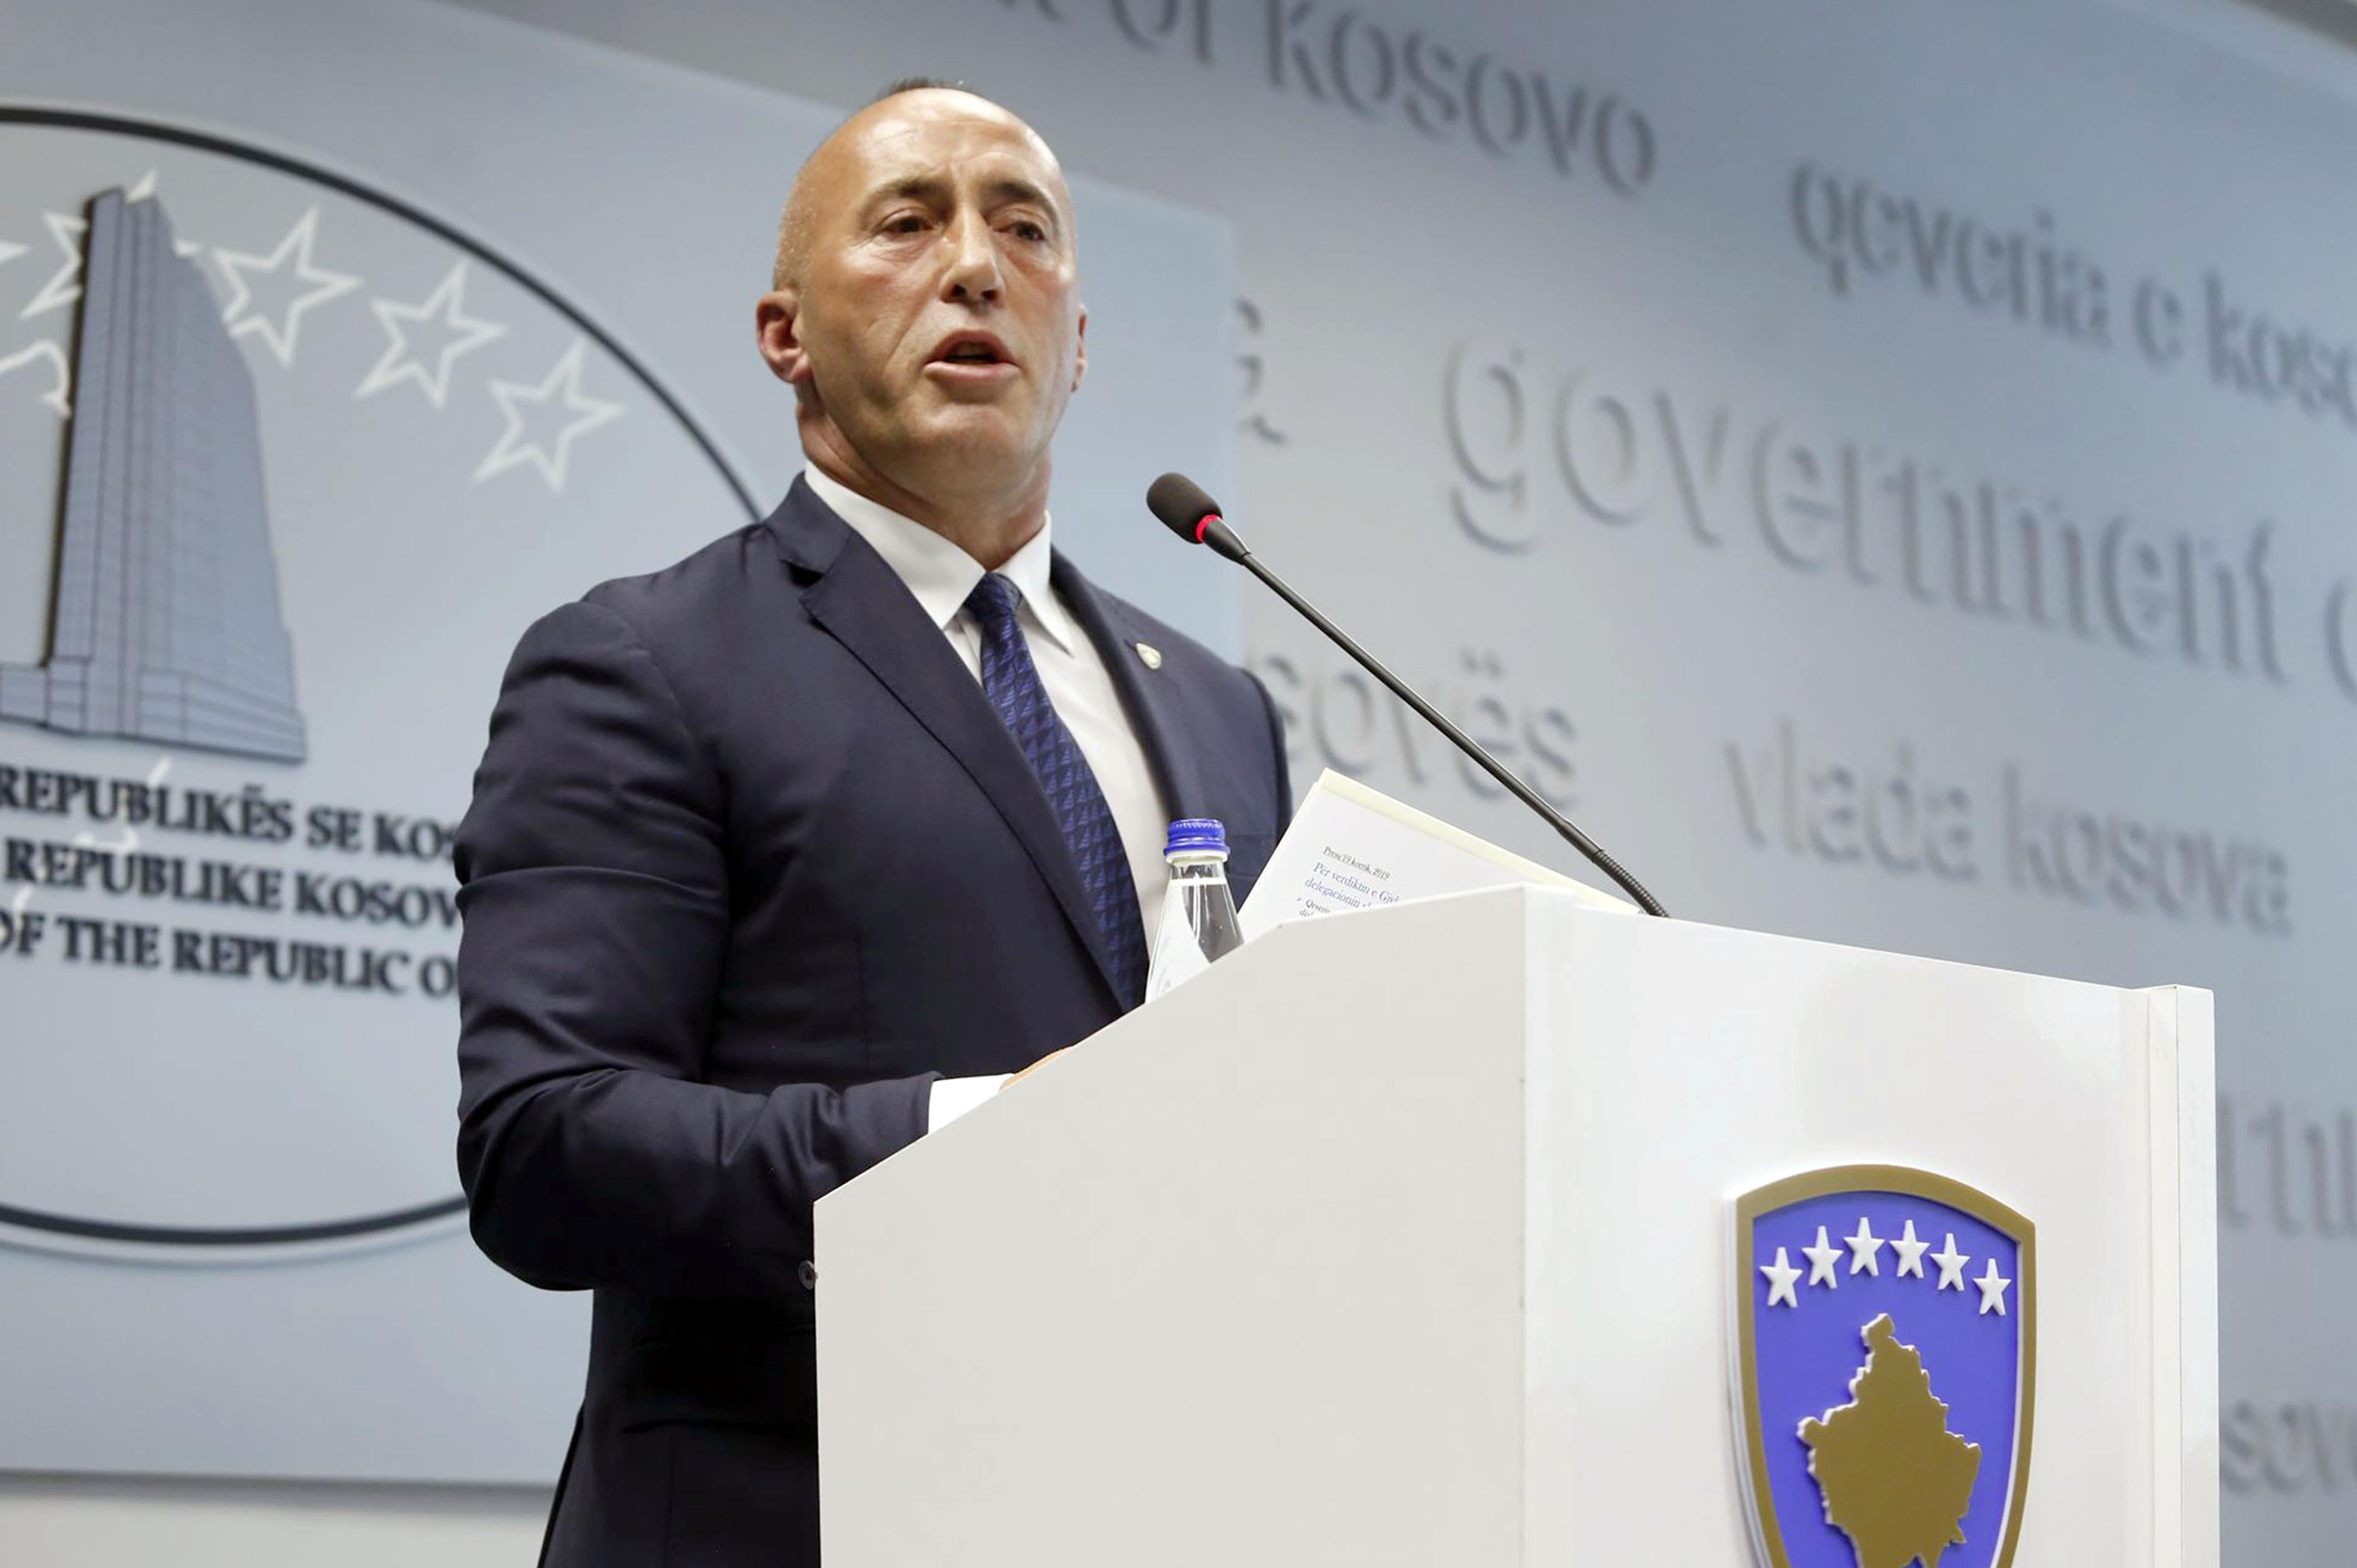 Σε πρόωρες εκλογές οδηγείται το Κόσοβο